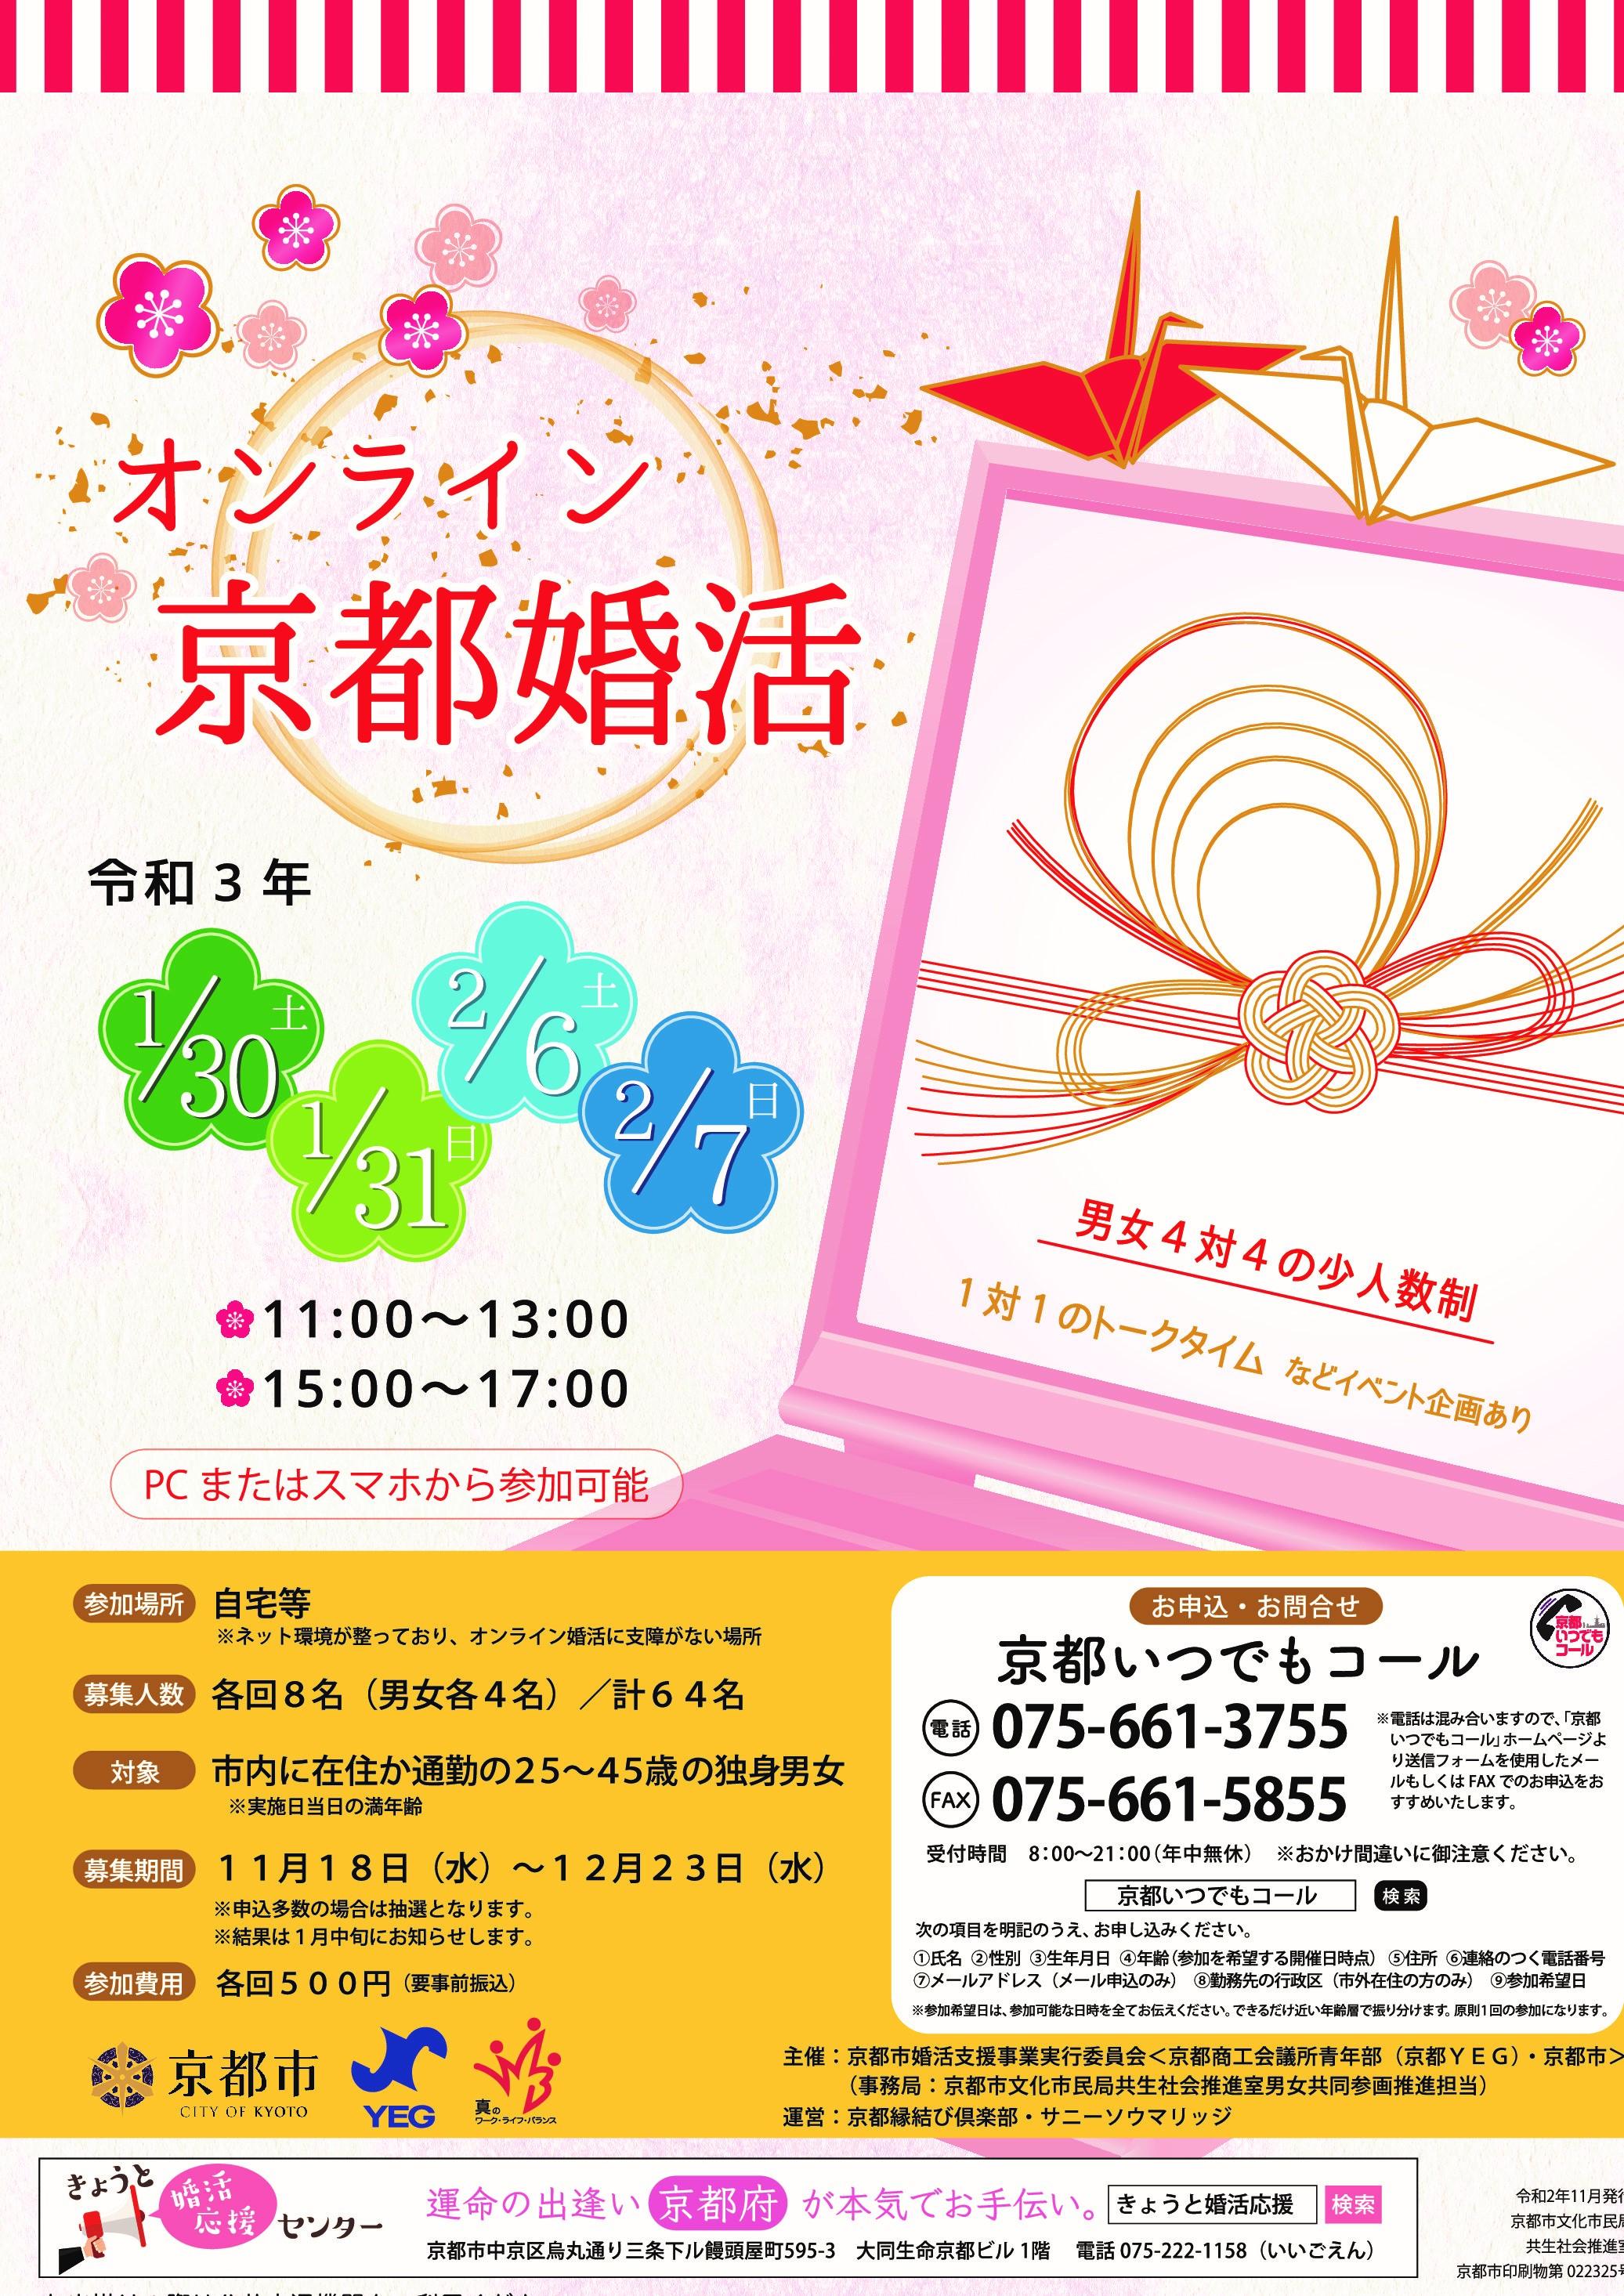 京都市からの委託でZOOM婚活イベントを実施しました